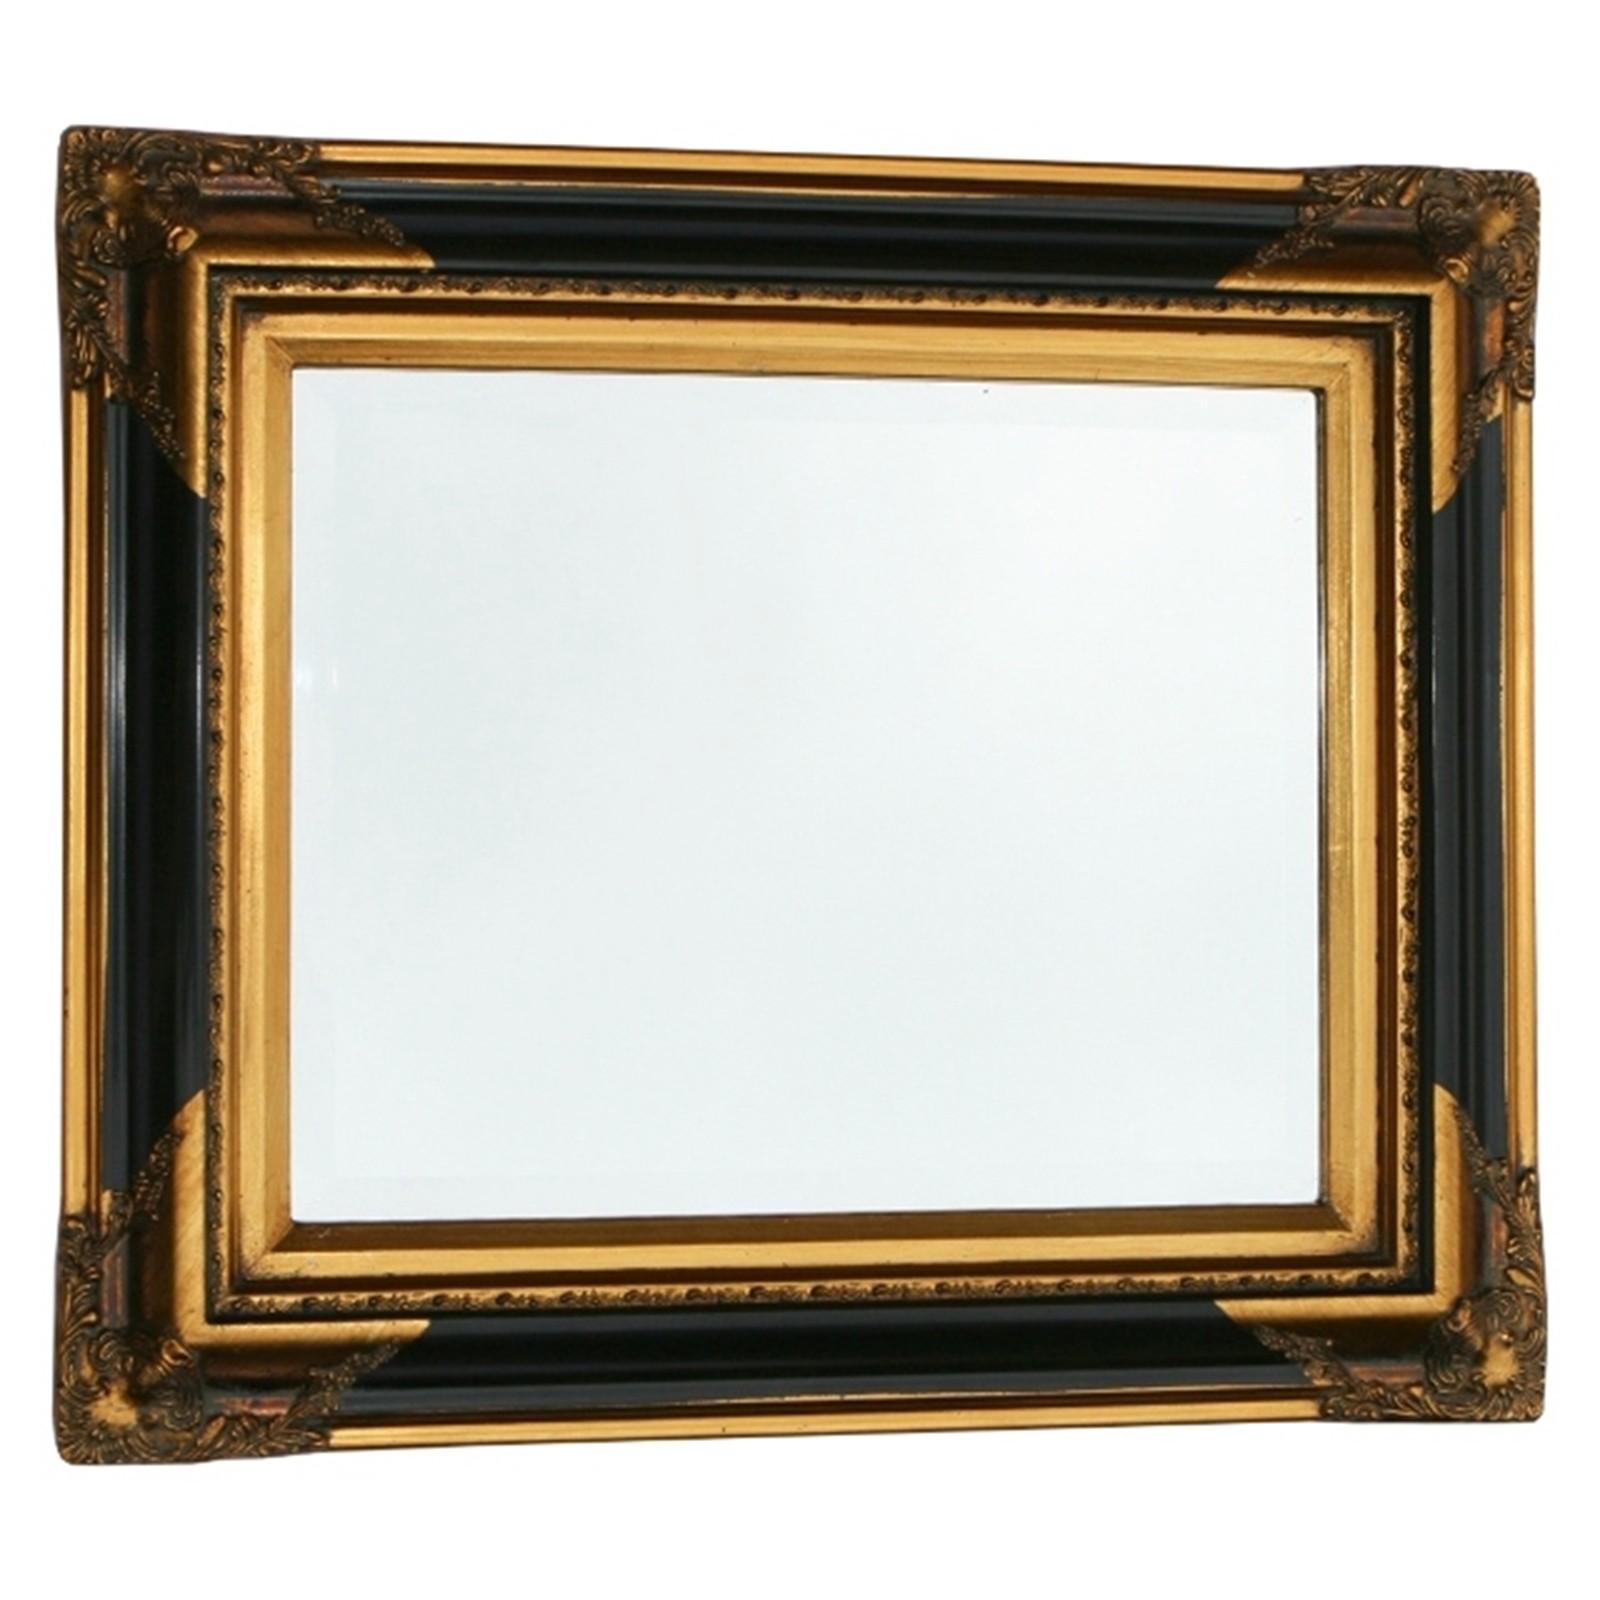 Wandspiegel kaufen Barockspiegel Onlineshop 30x40 mit antikem Flair ...